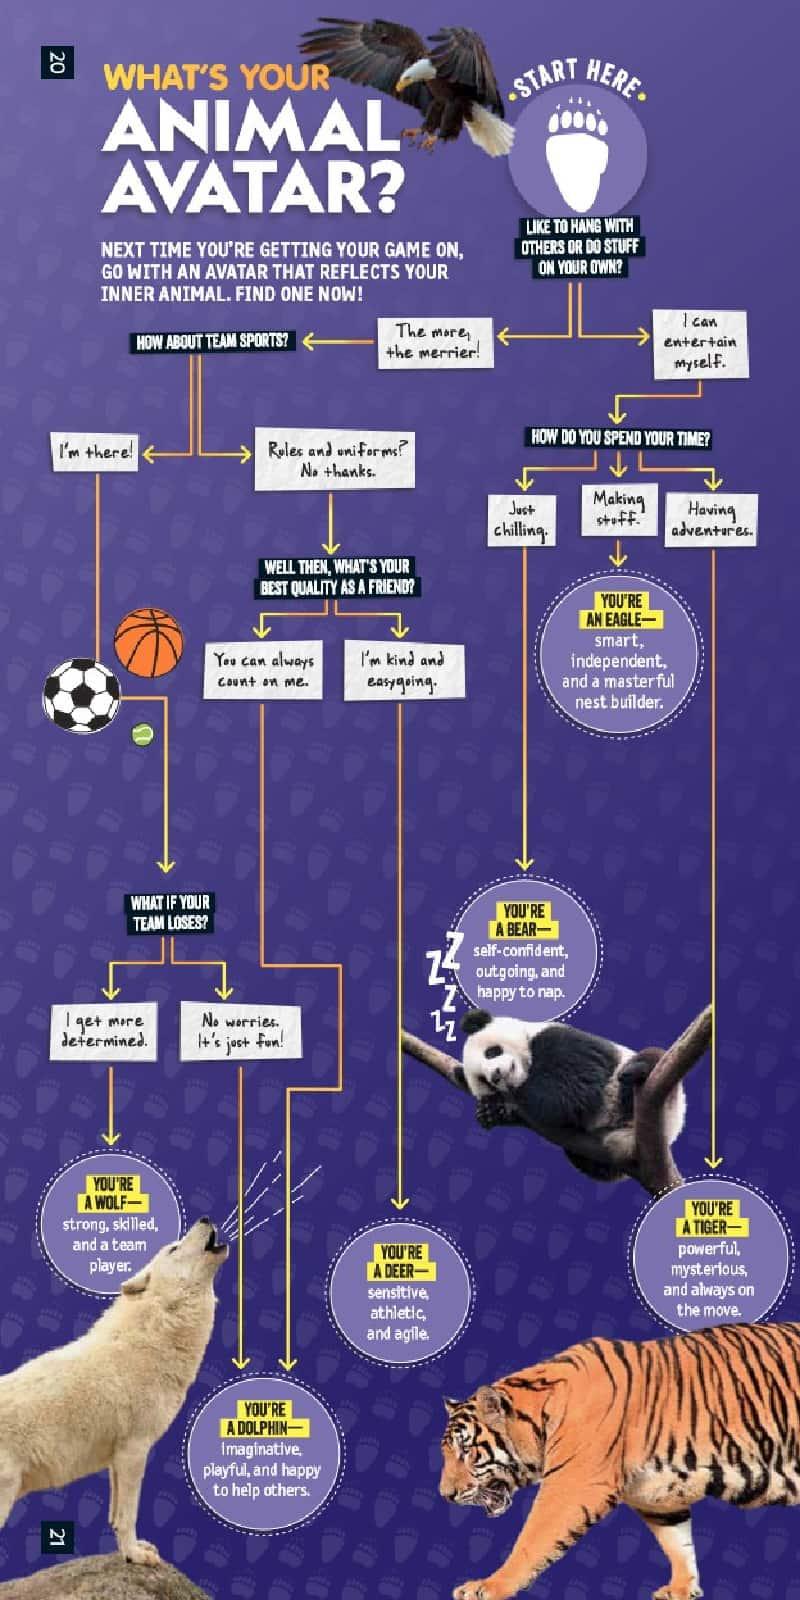 Nat Geo animal avitar infographic